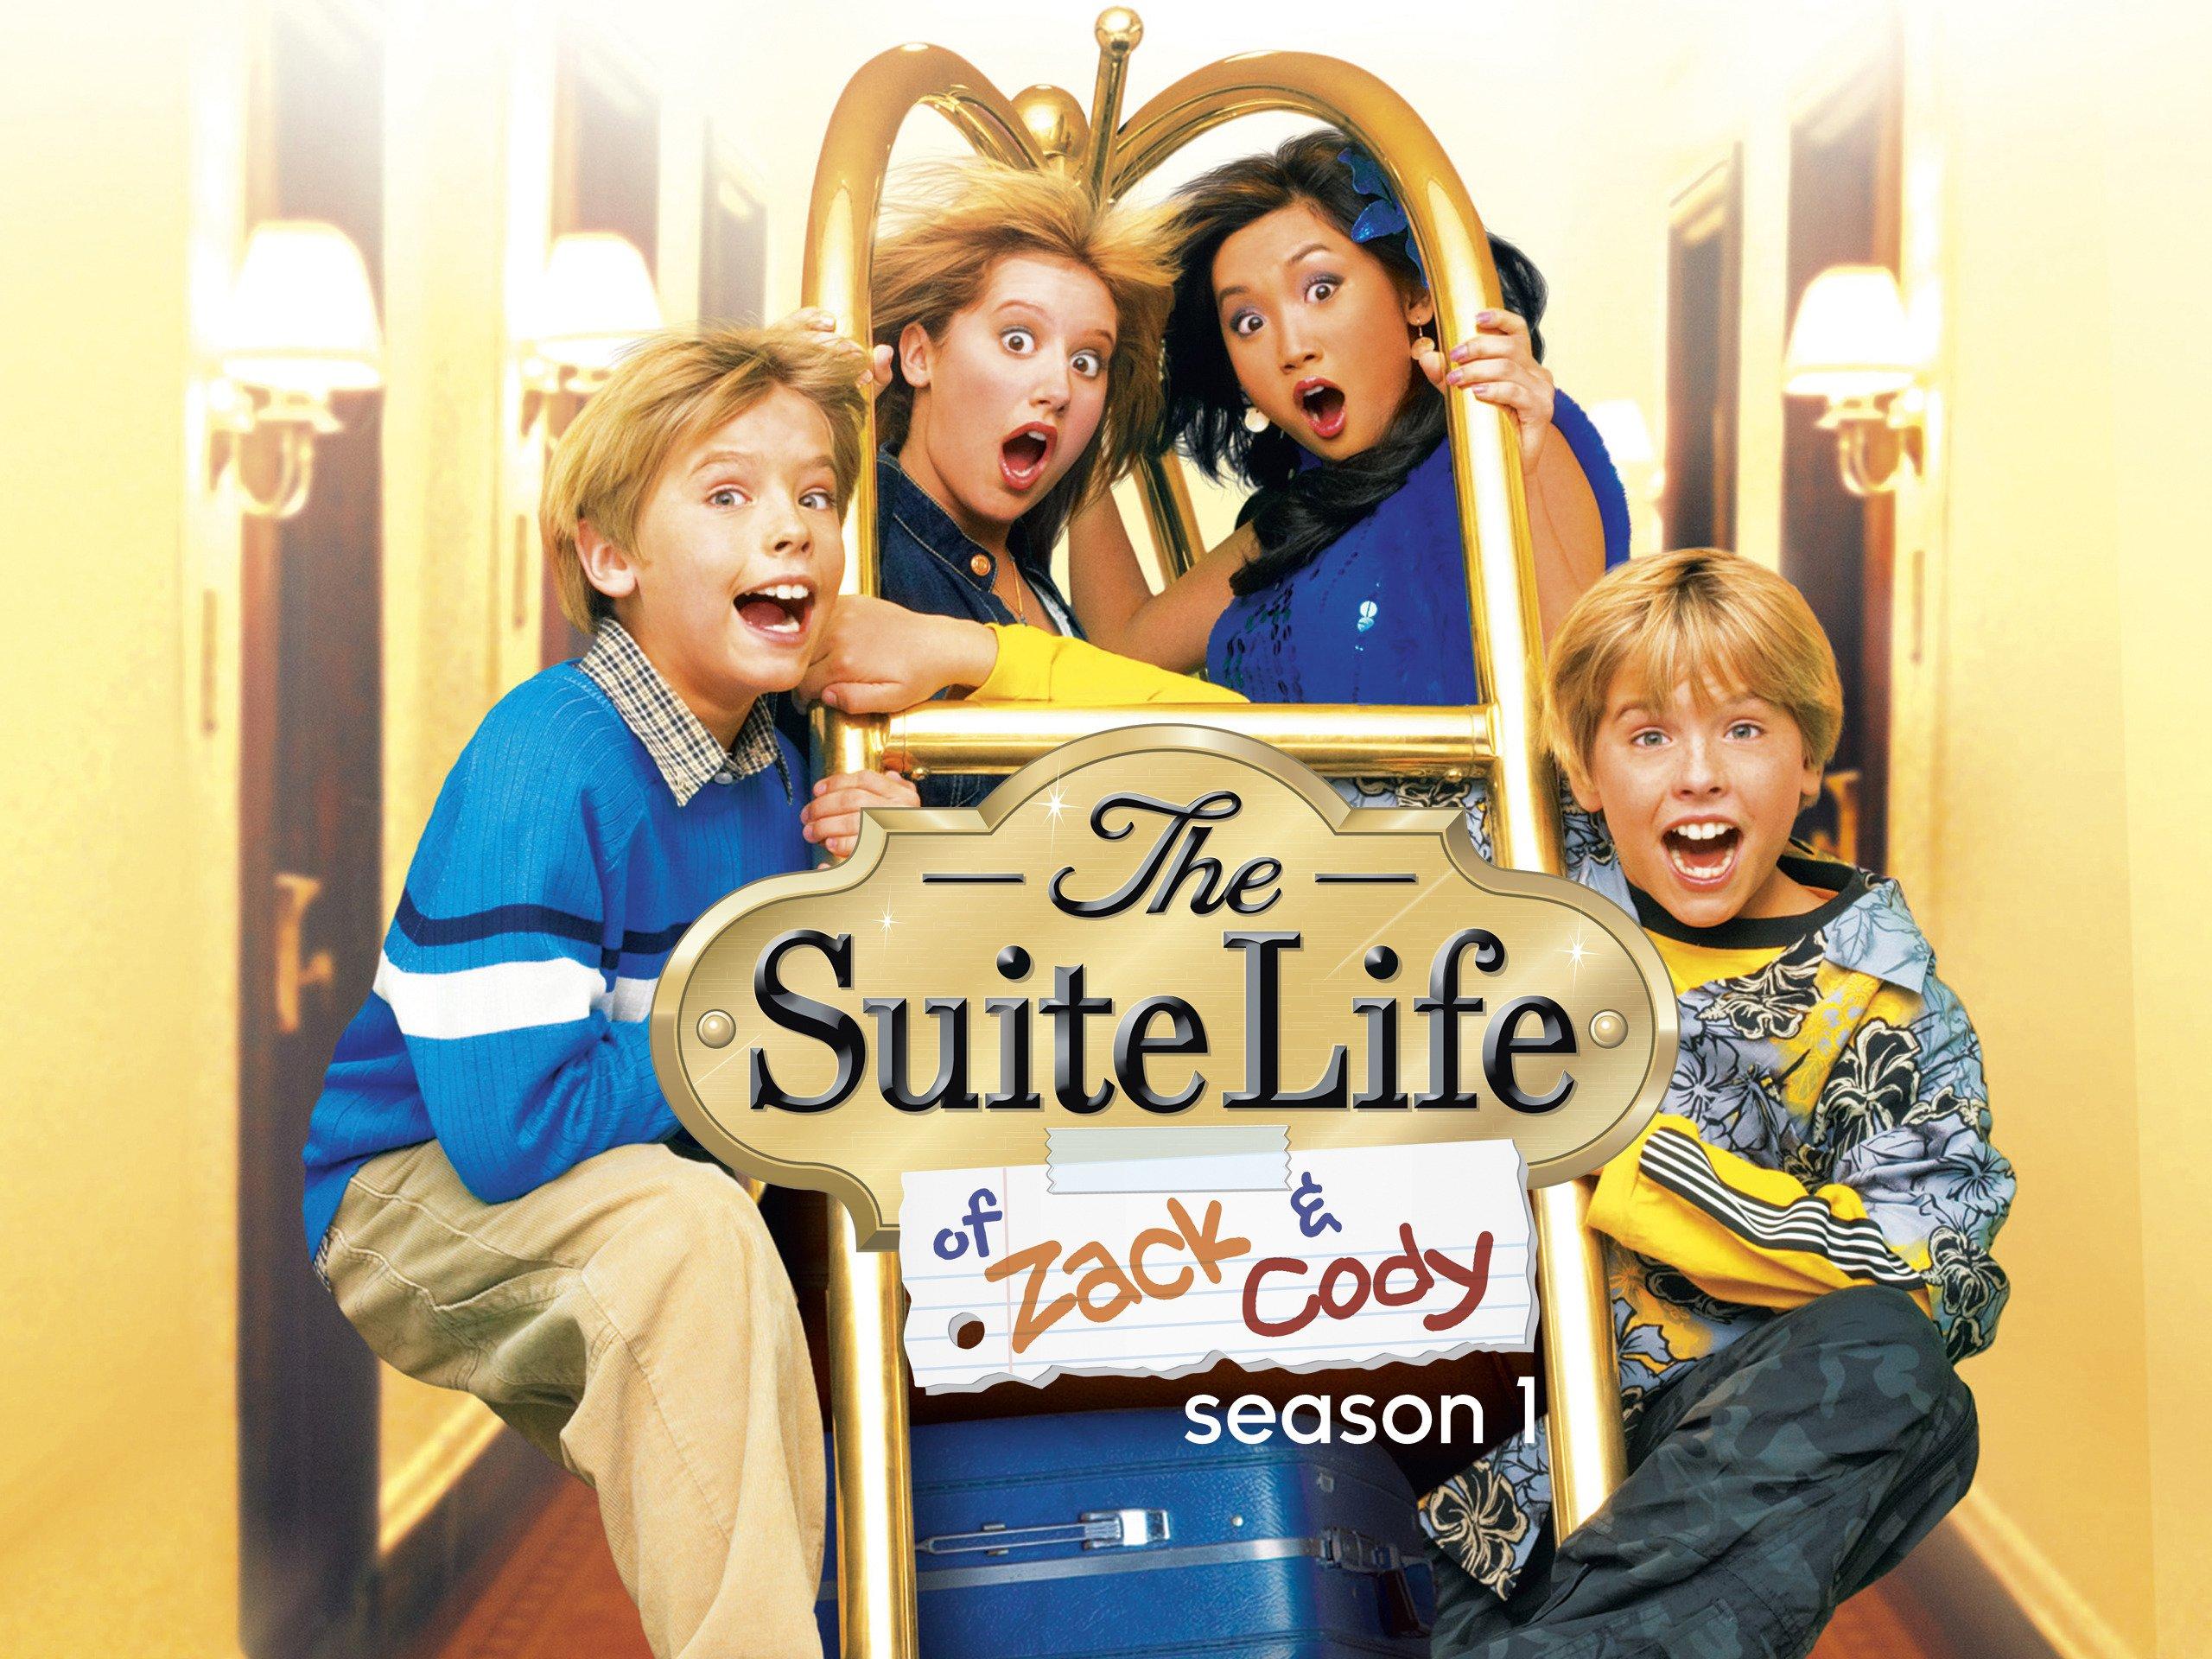 imagen de serie hotel dulce hotel zack y cody